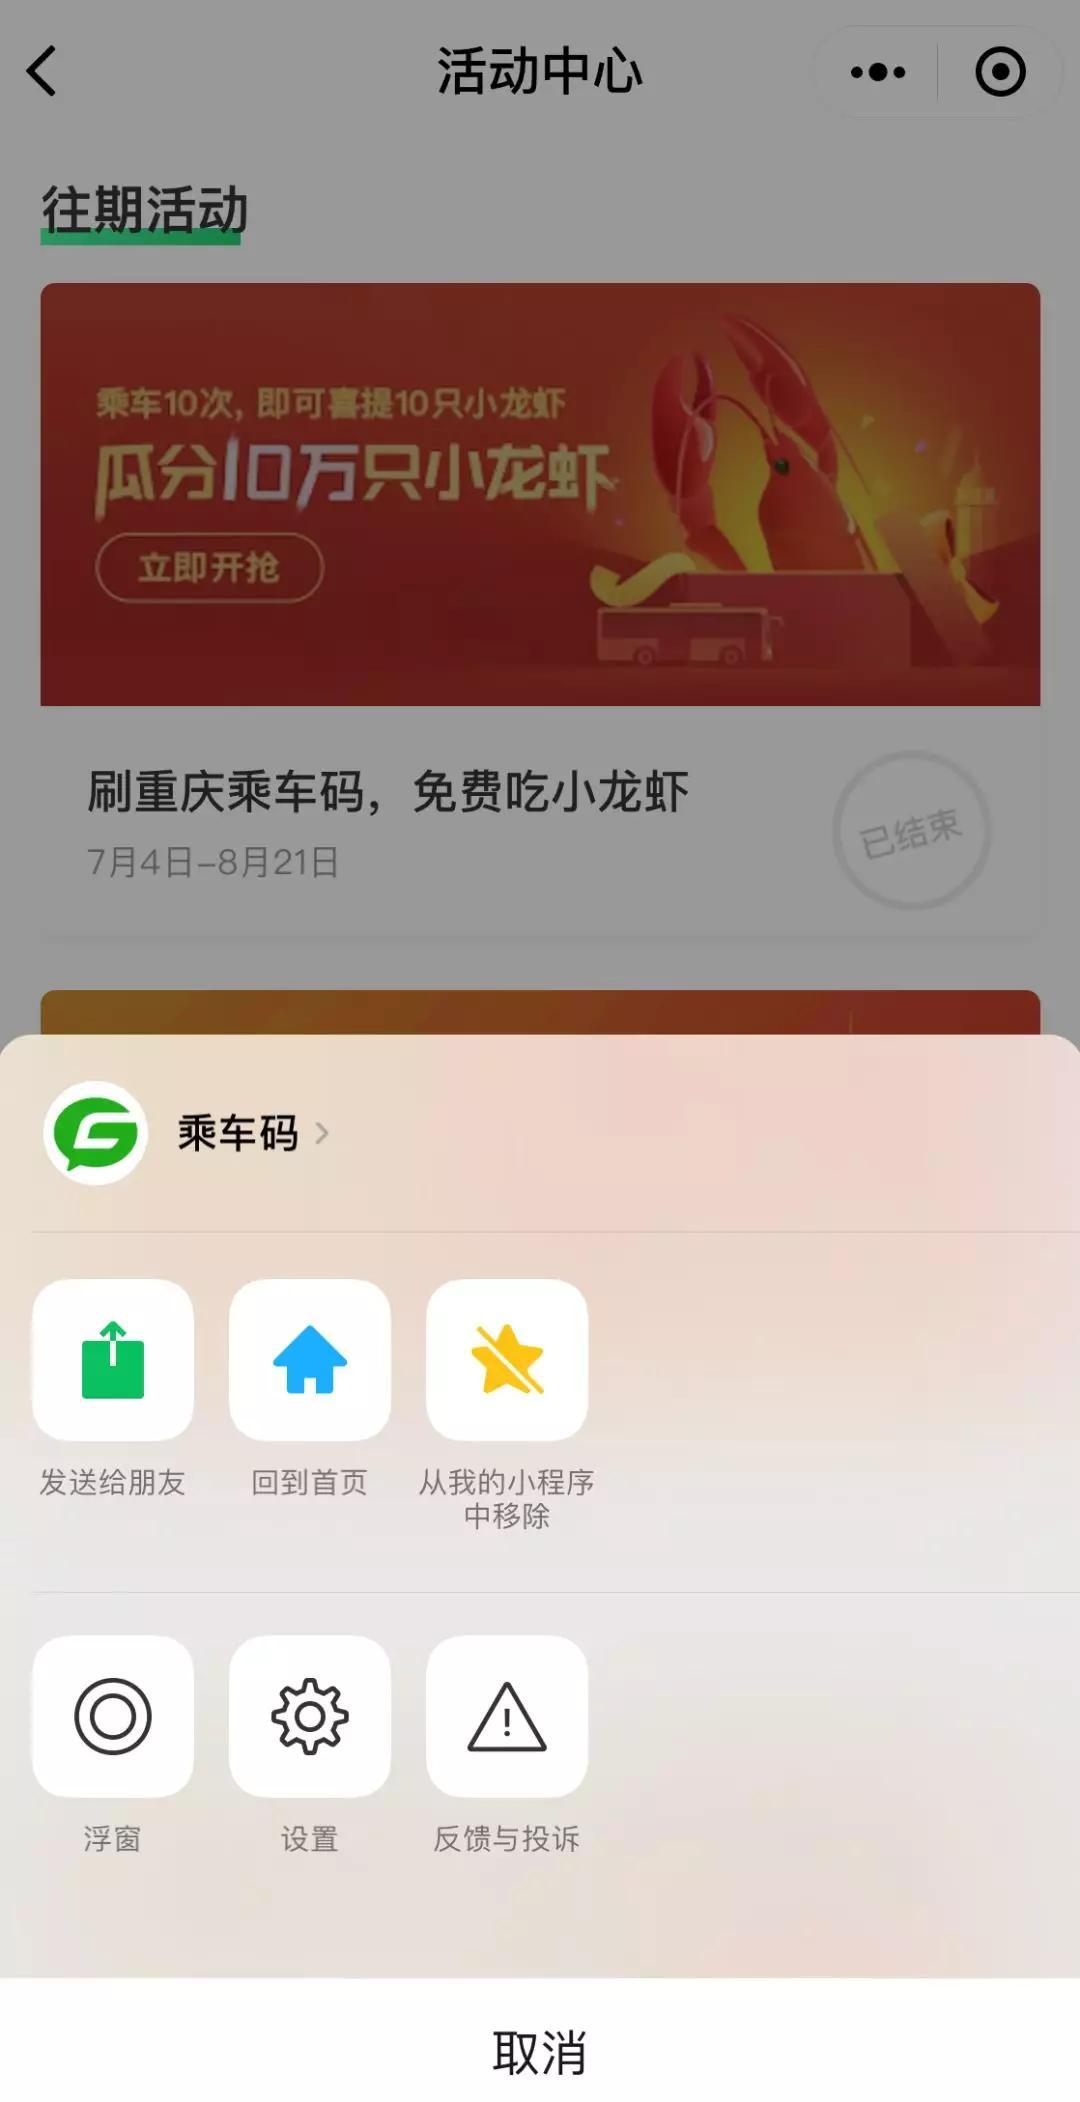 微信iOS版今日更新(慎),看看你的表情包有啥变化